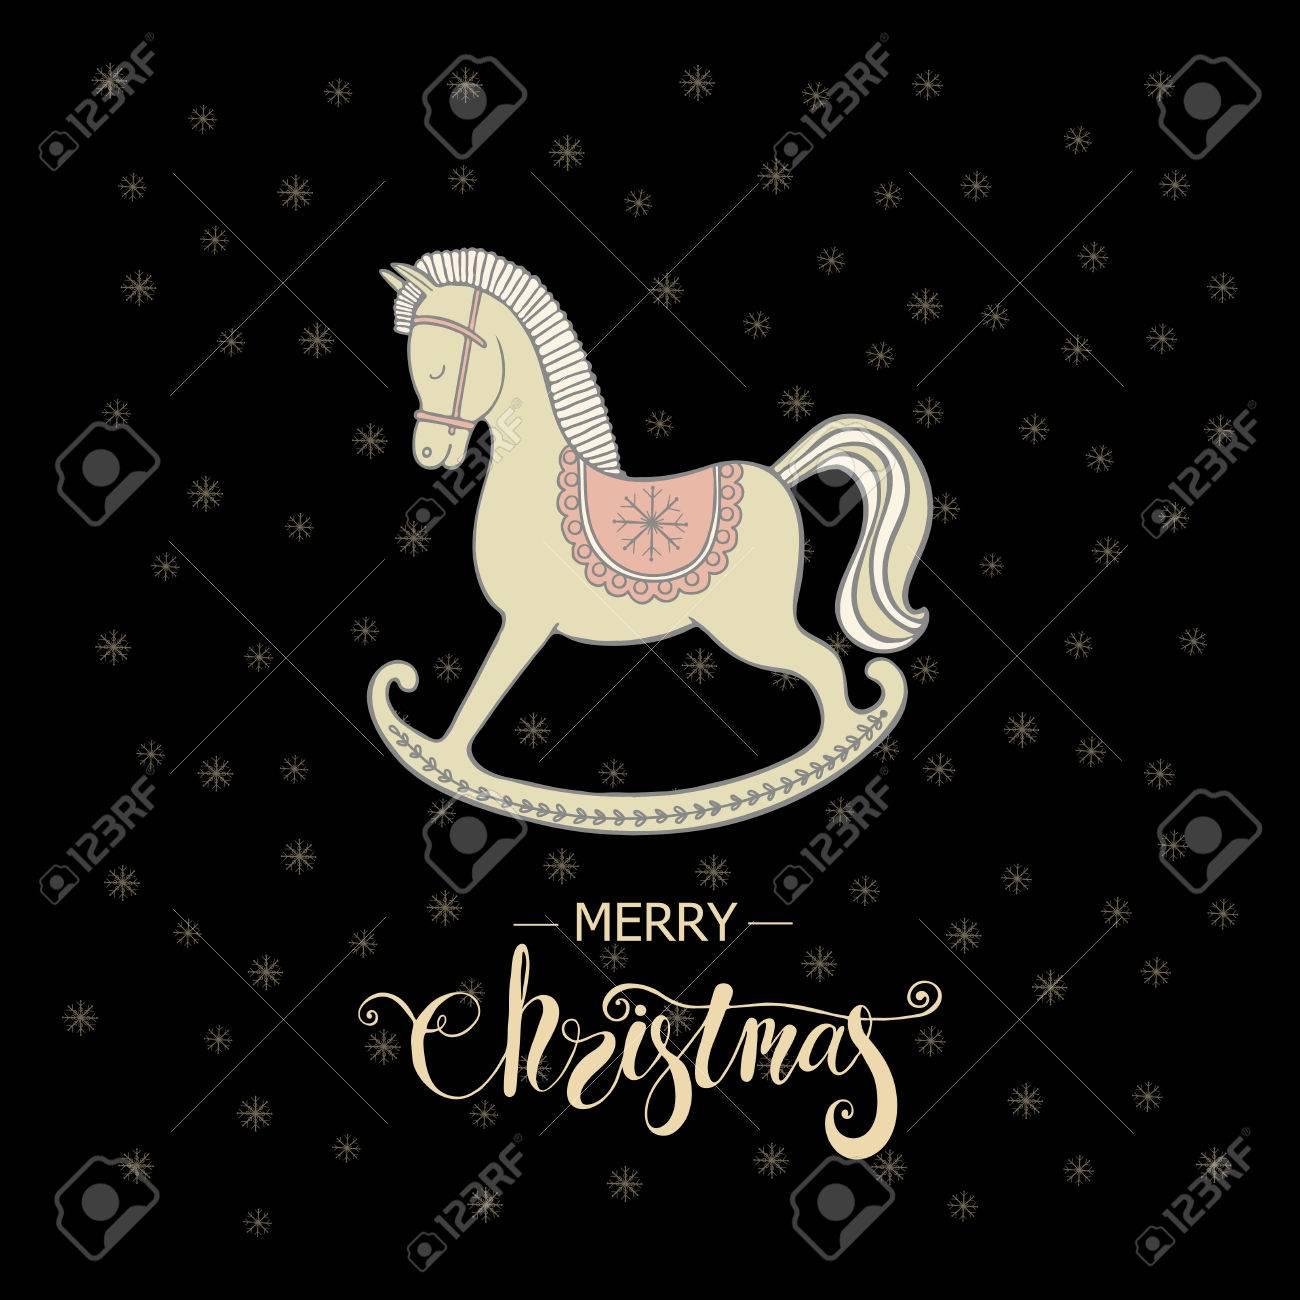 Frohe Weihnachten-Grußkarte Mit Schaukelpferd Und Schriftzug Frohe ...